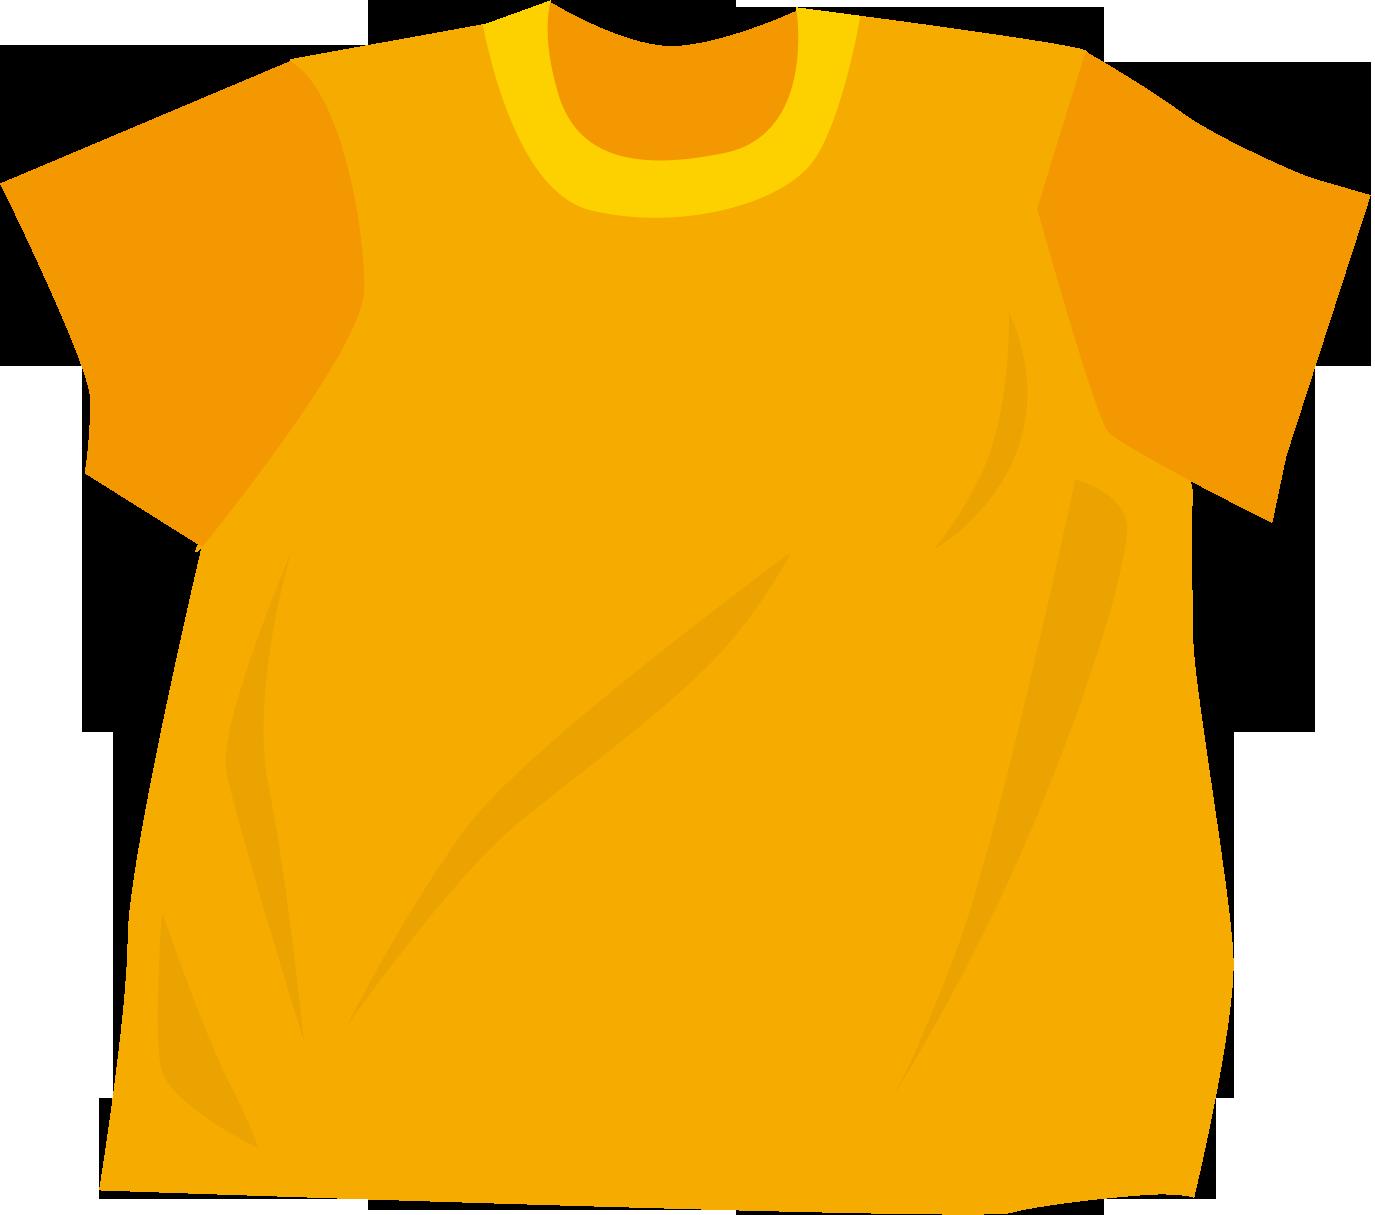 子供服、ベビー服のイラスト・フリー素材|ダウンロード03【素材っち】